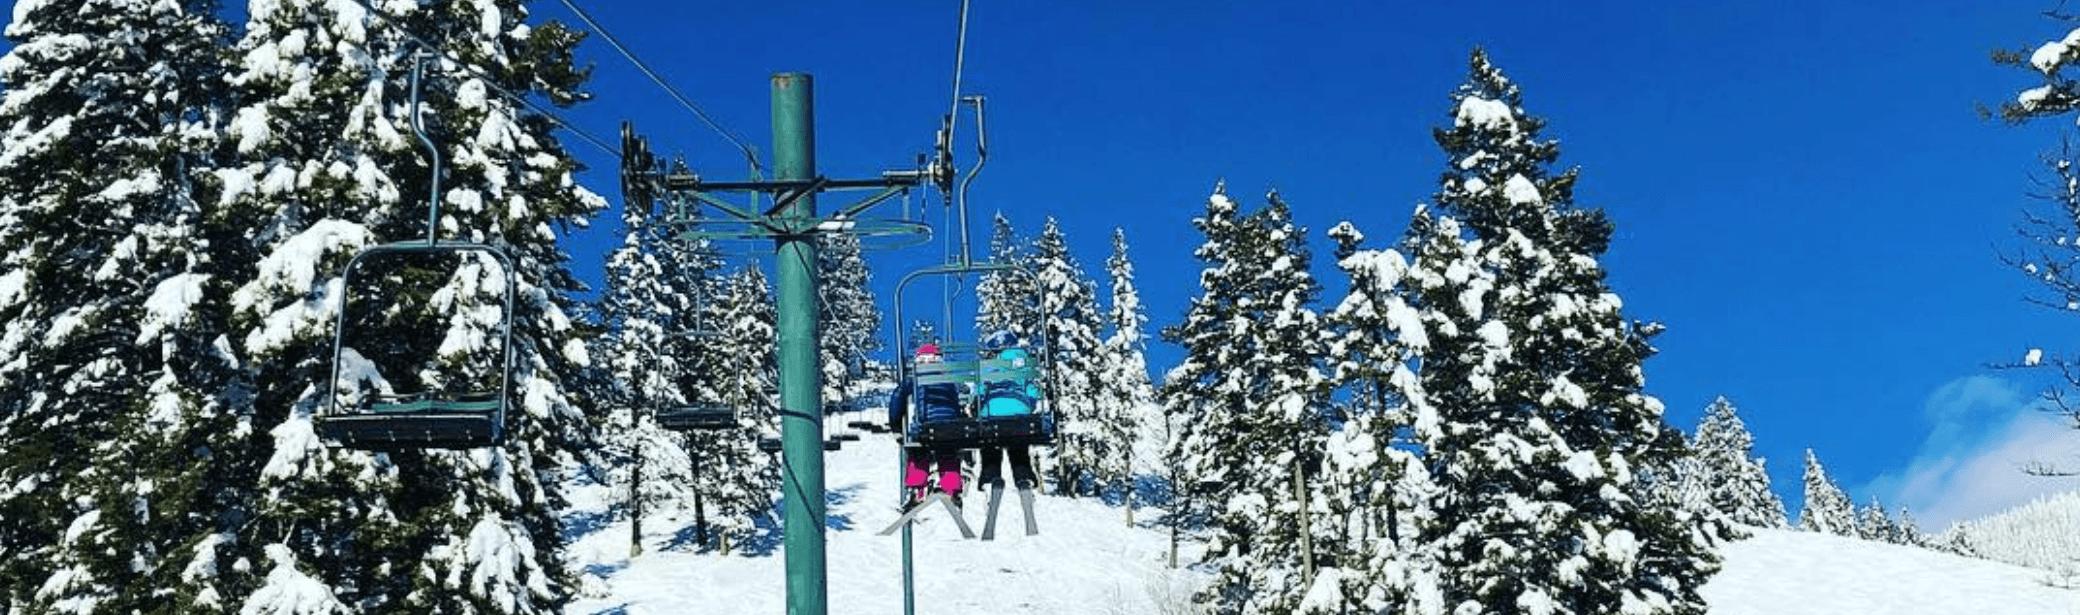 Powder Magazine Visits Missoula's Snowbowl